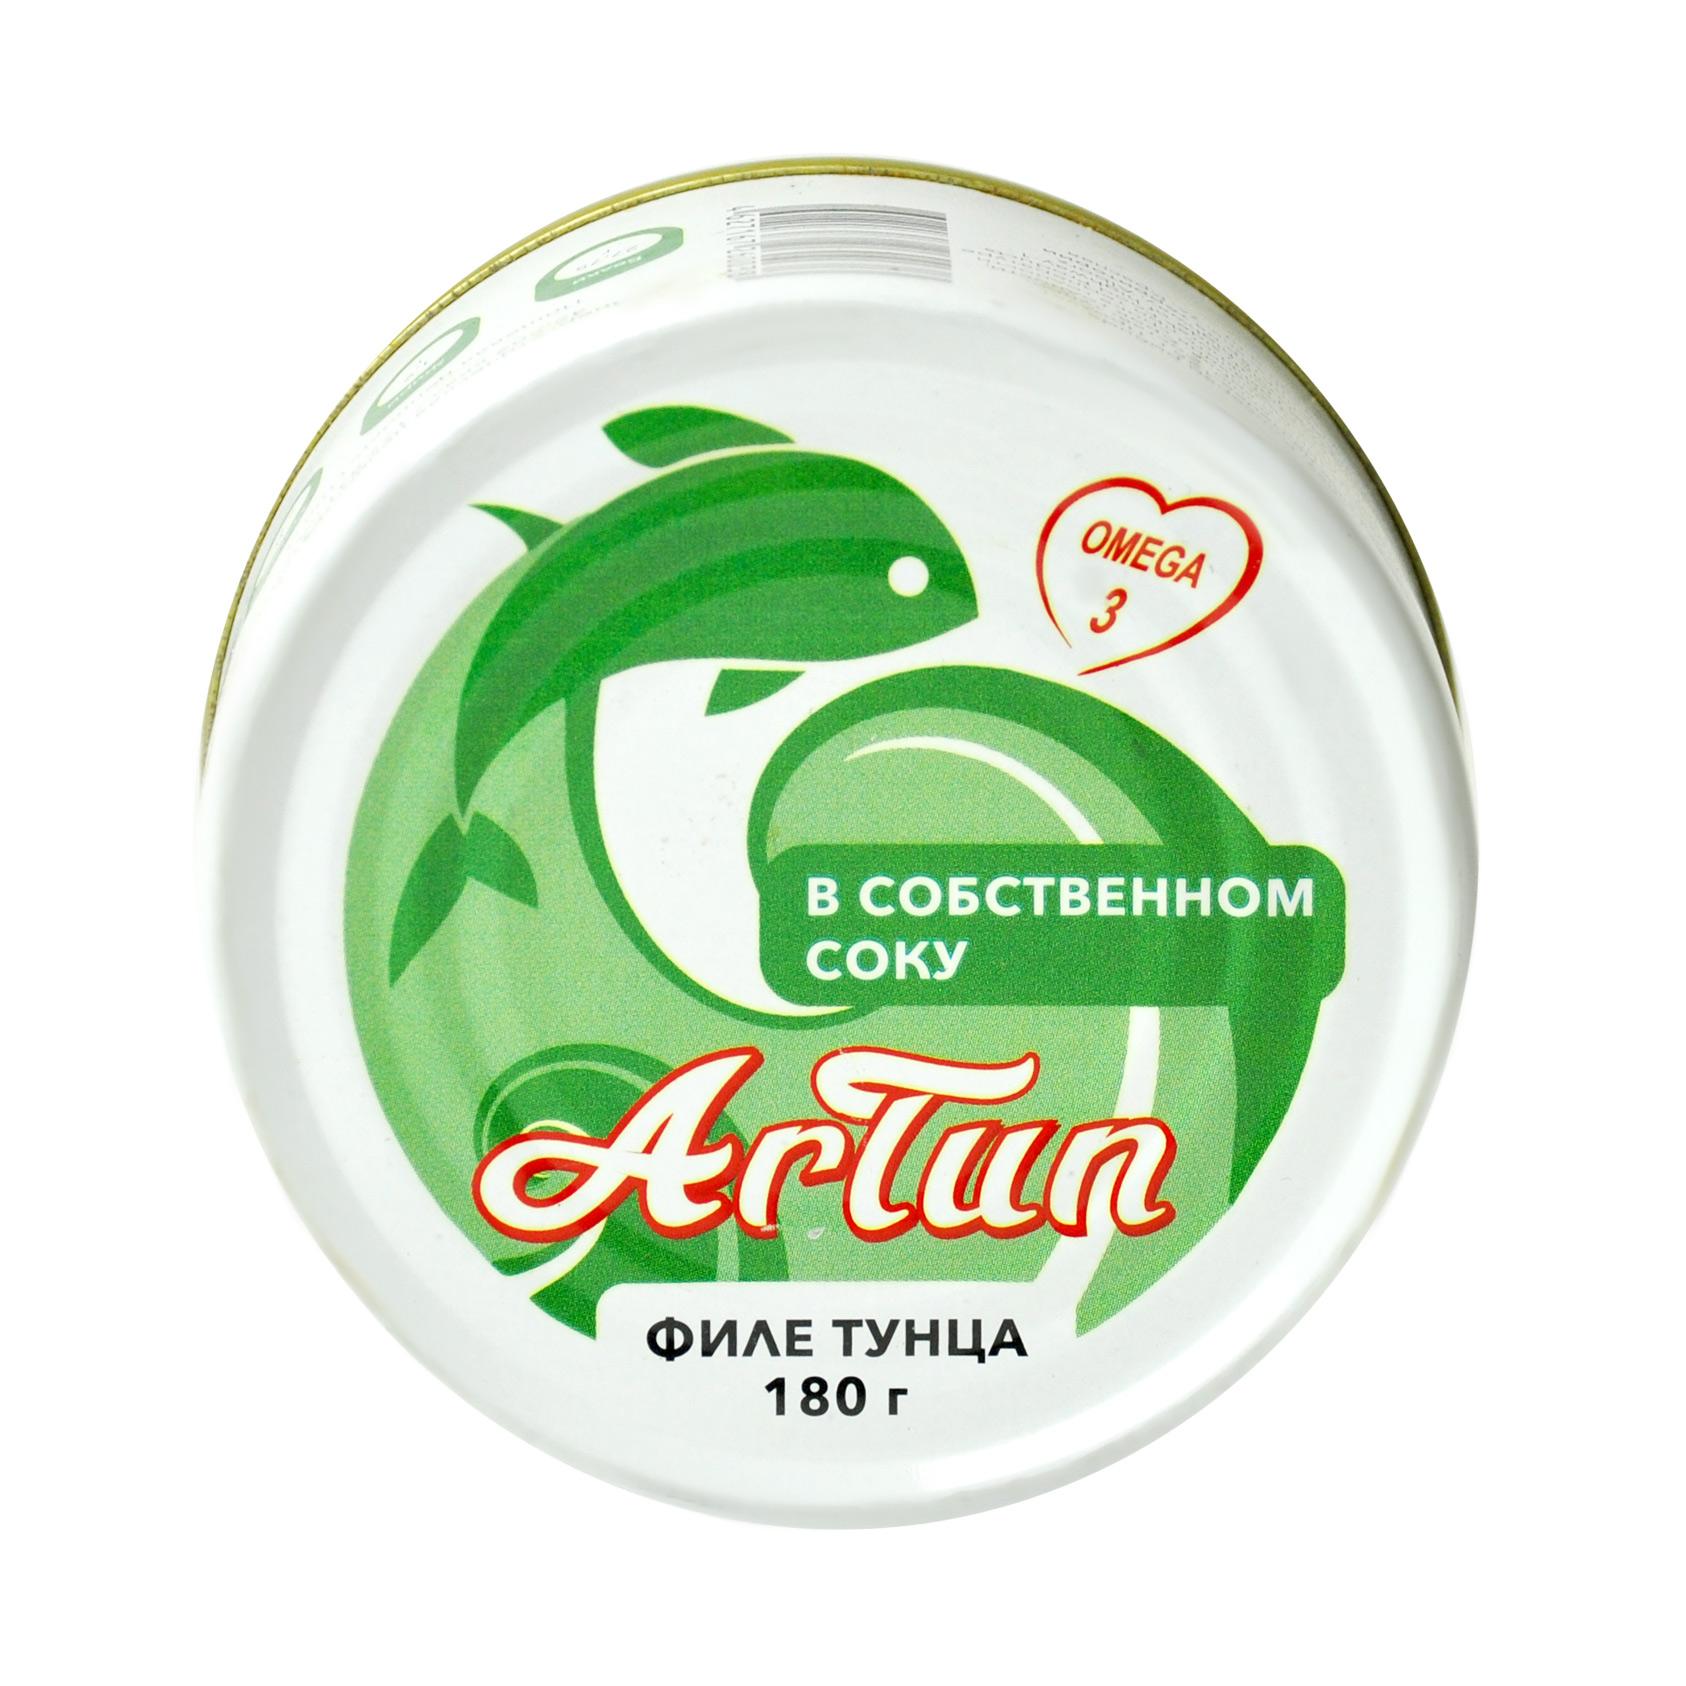 тунец в собственном соку sunfeel 170 г Тунец консервированный ARTUN филе в собственном соку 180 г